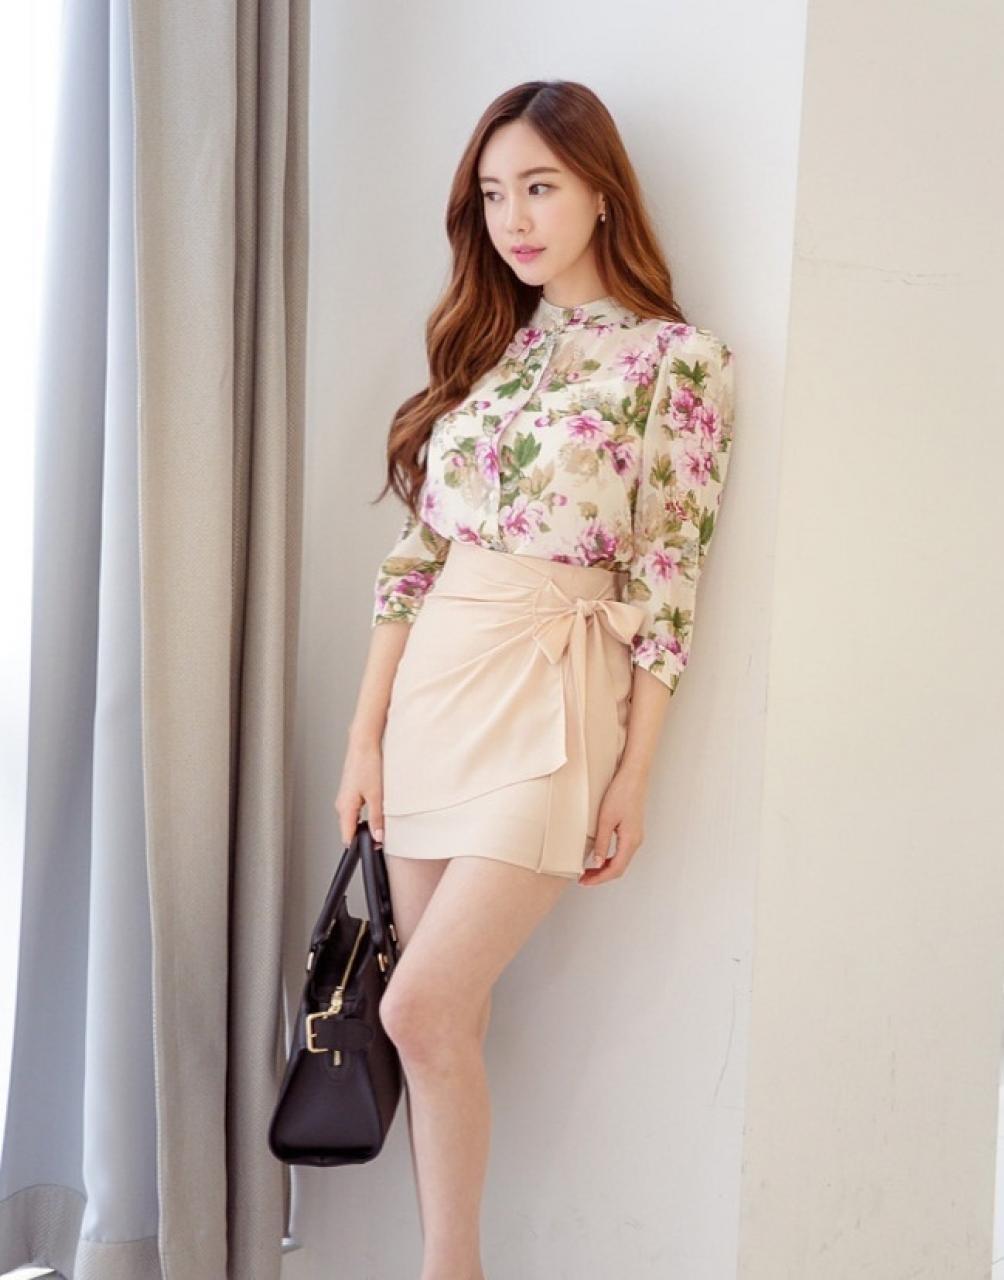 Kết hợp áo kiểu và chân váy đơn giản nhưng thời trang